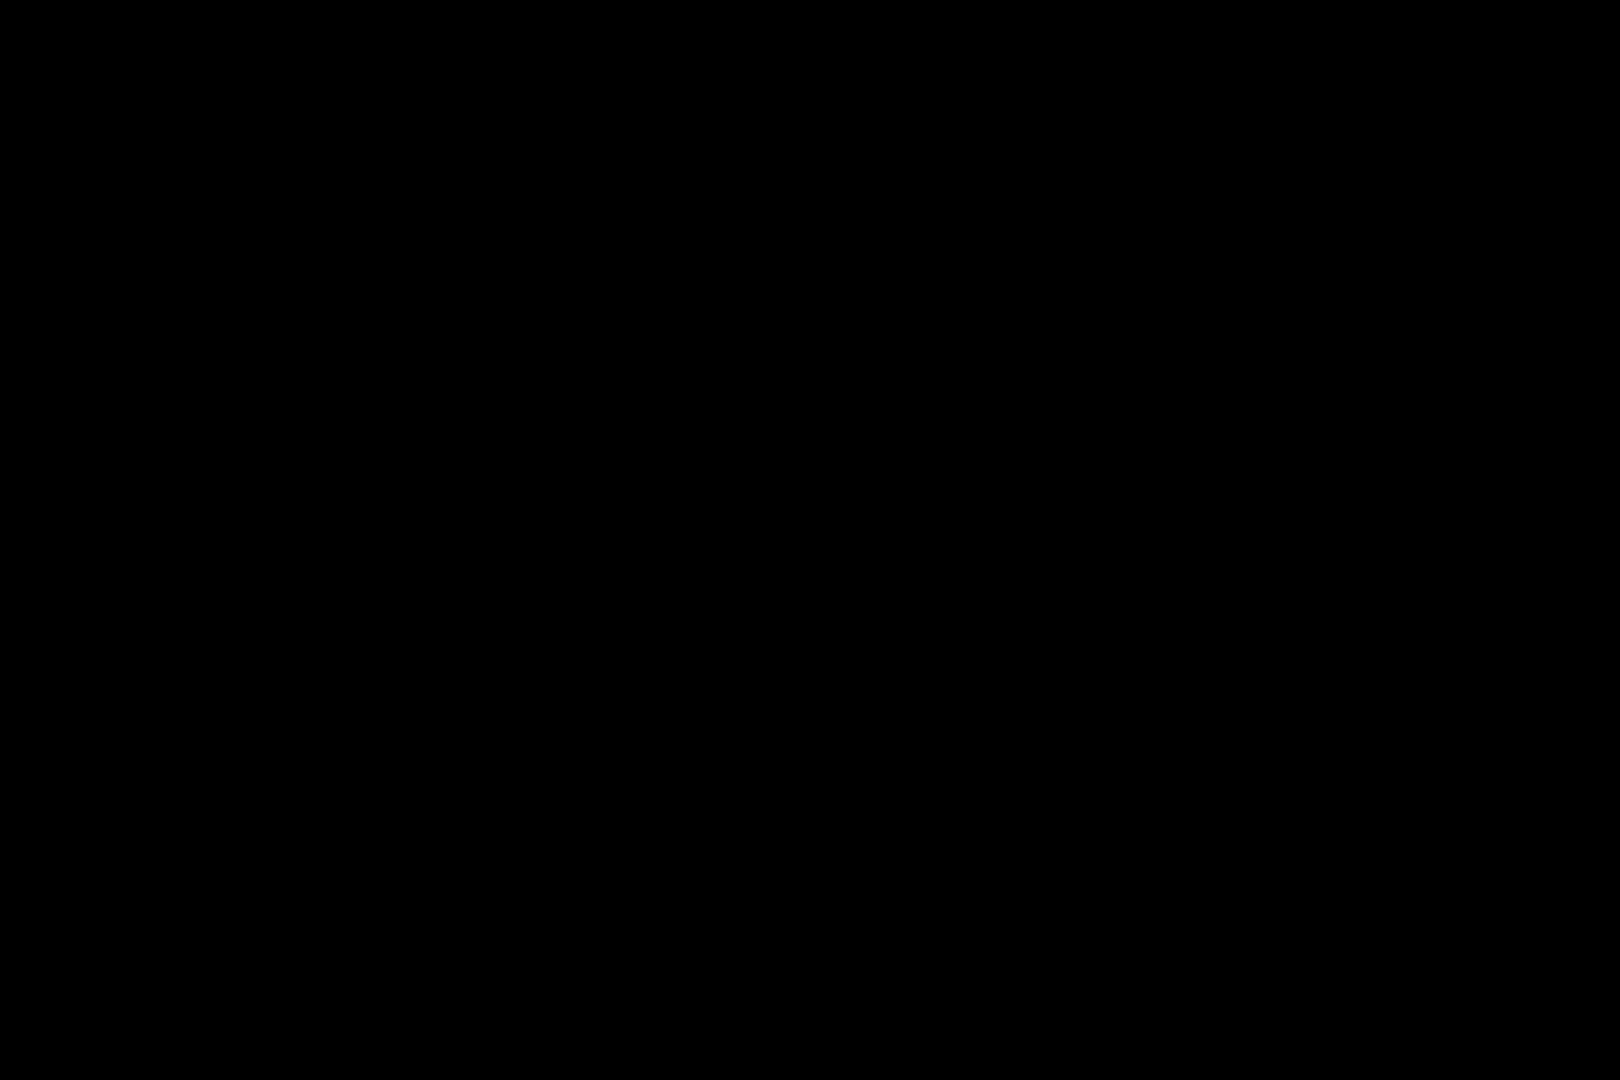 充血監督の深夜の運動会Vol.25 OLヌード天国 おまんこ無修正動画無料 95PIX 77